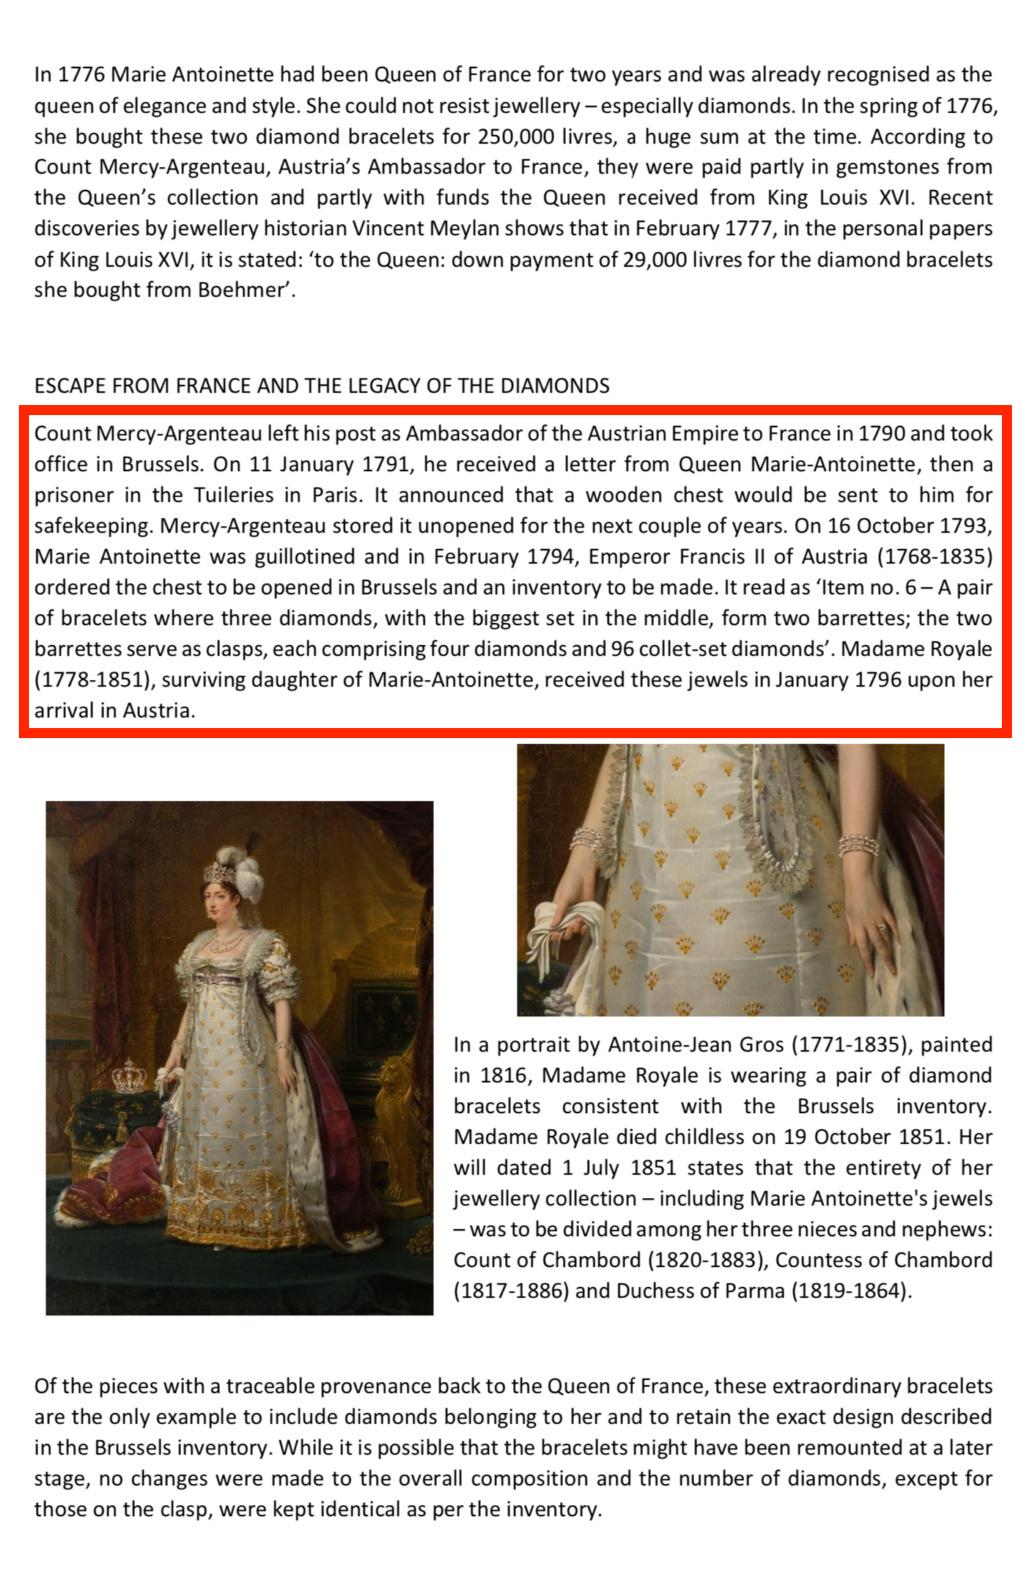 Bijoux de Marie-Antoinette : inventaire des parures, diamants et perles envoyés à Bruxelles durant la Révolution Capt3013